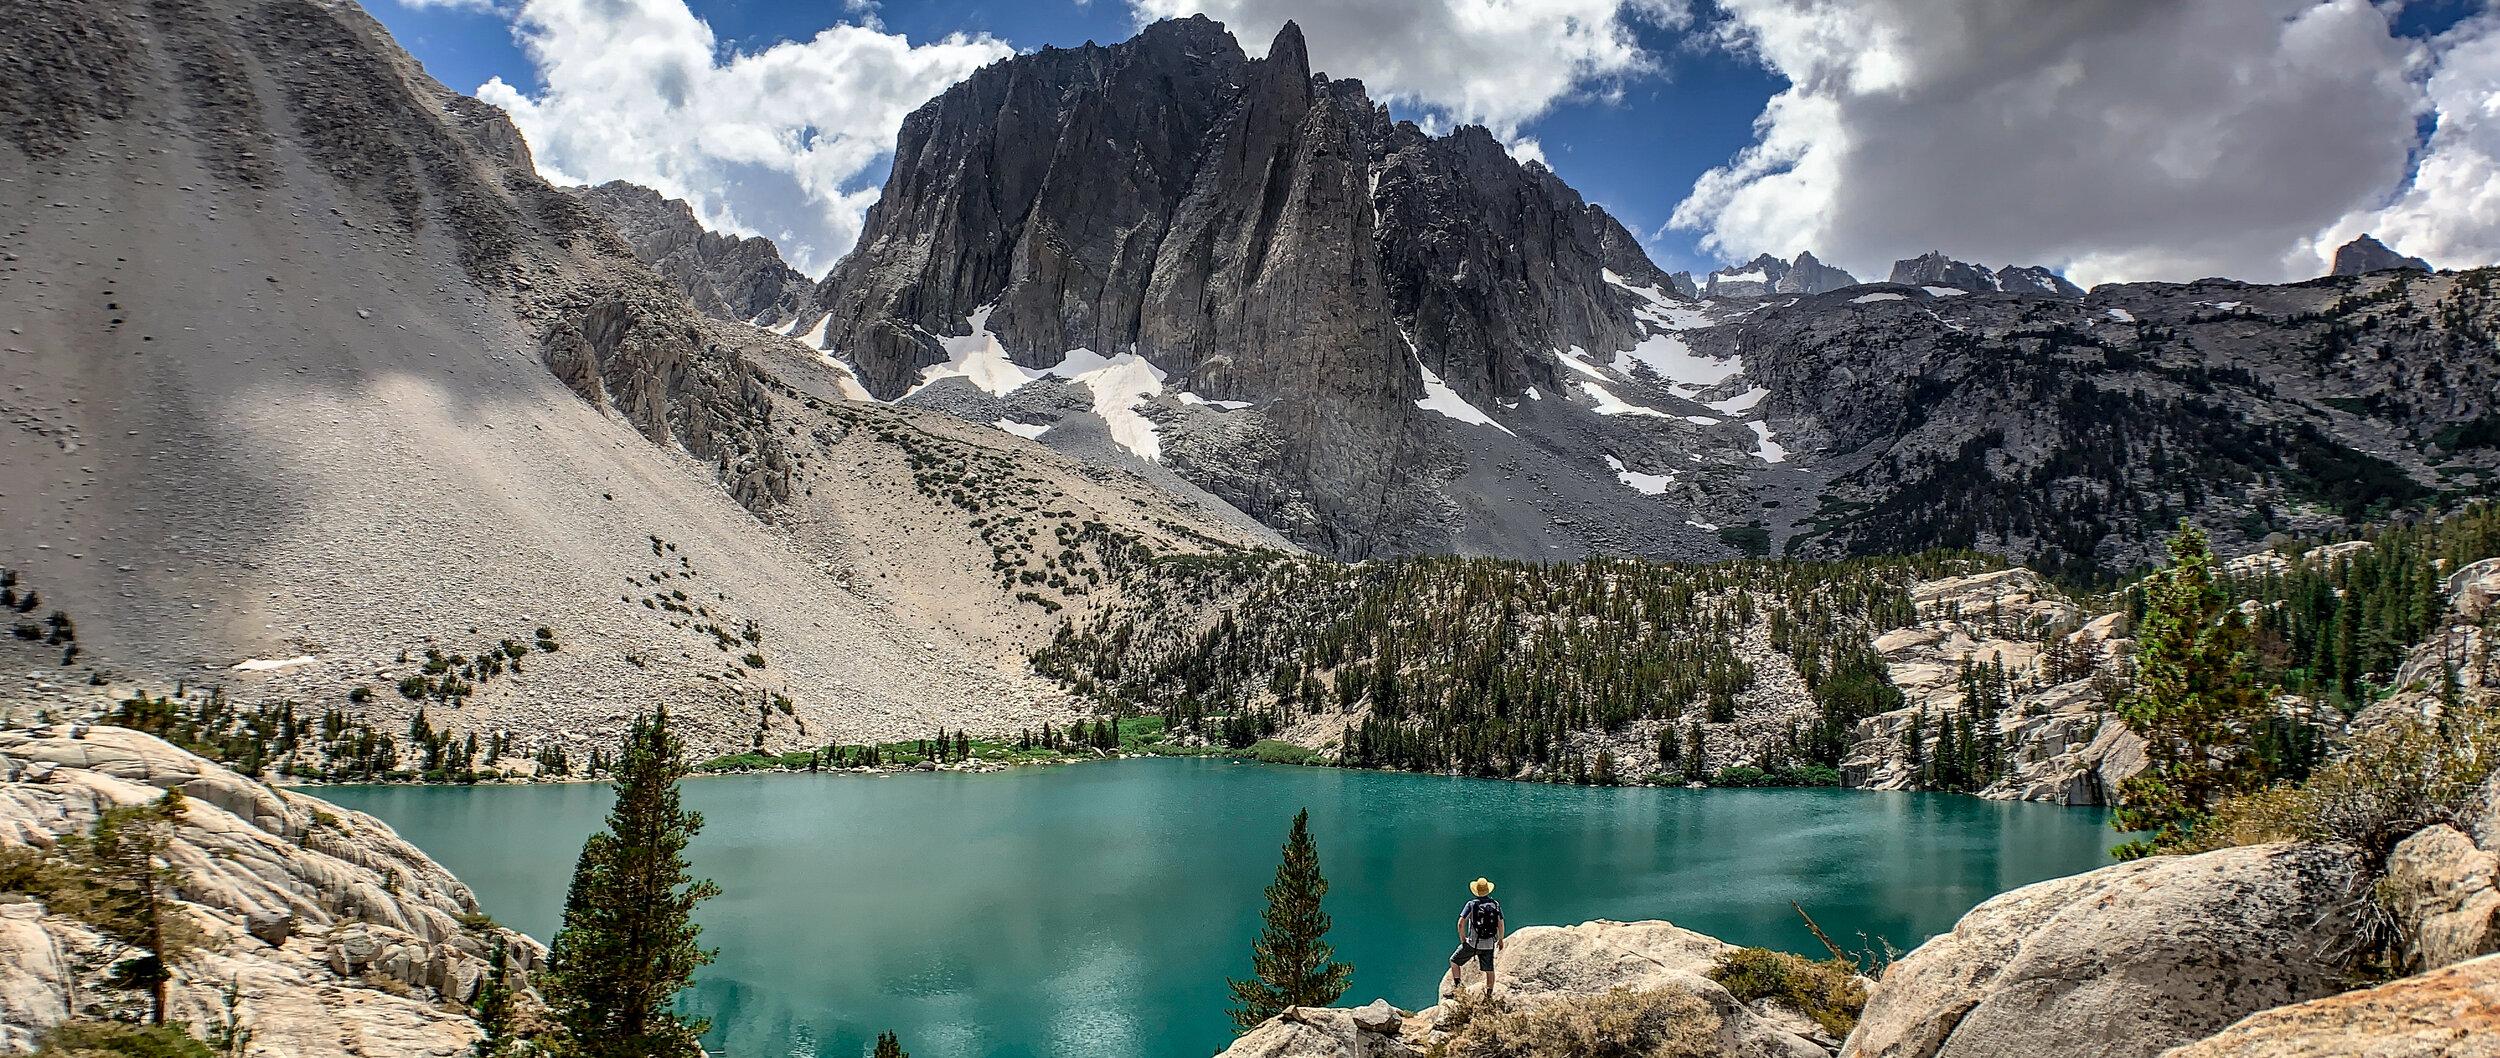 Sierras w Rumsey 2019-9.jpg